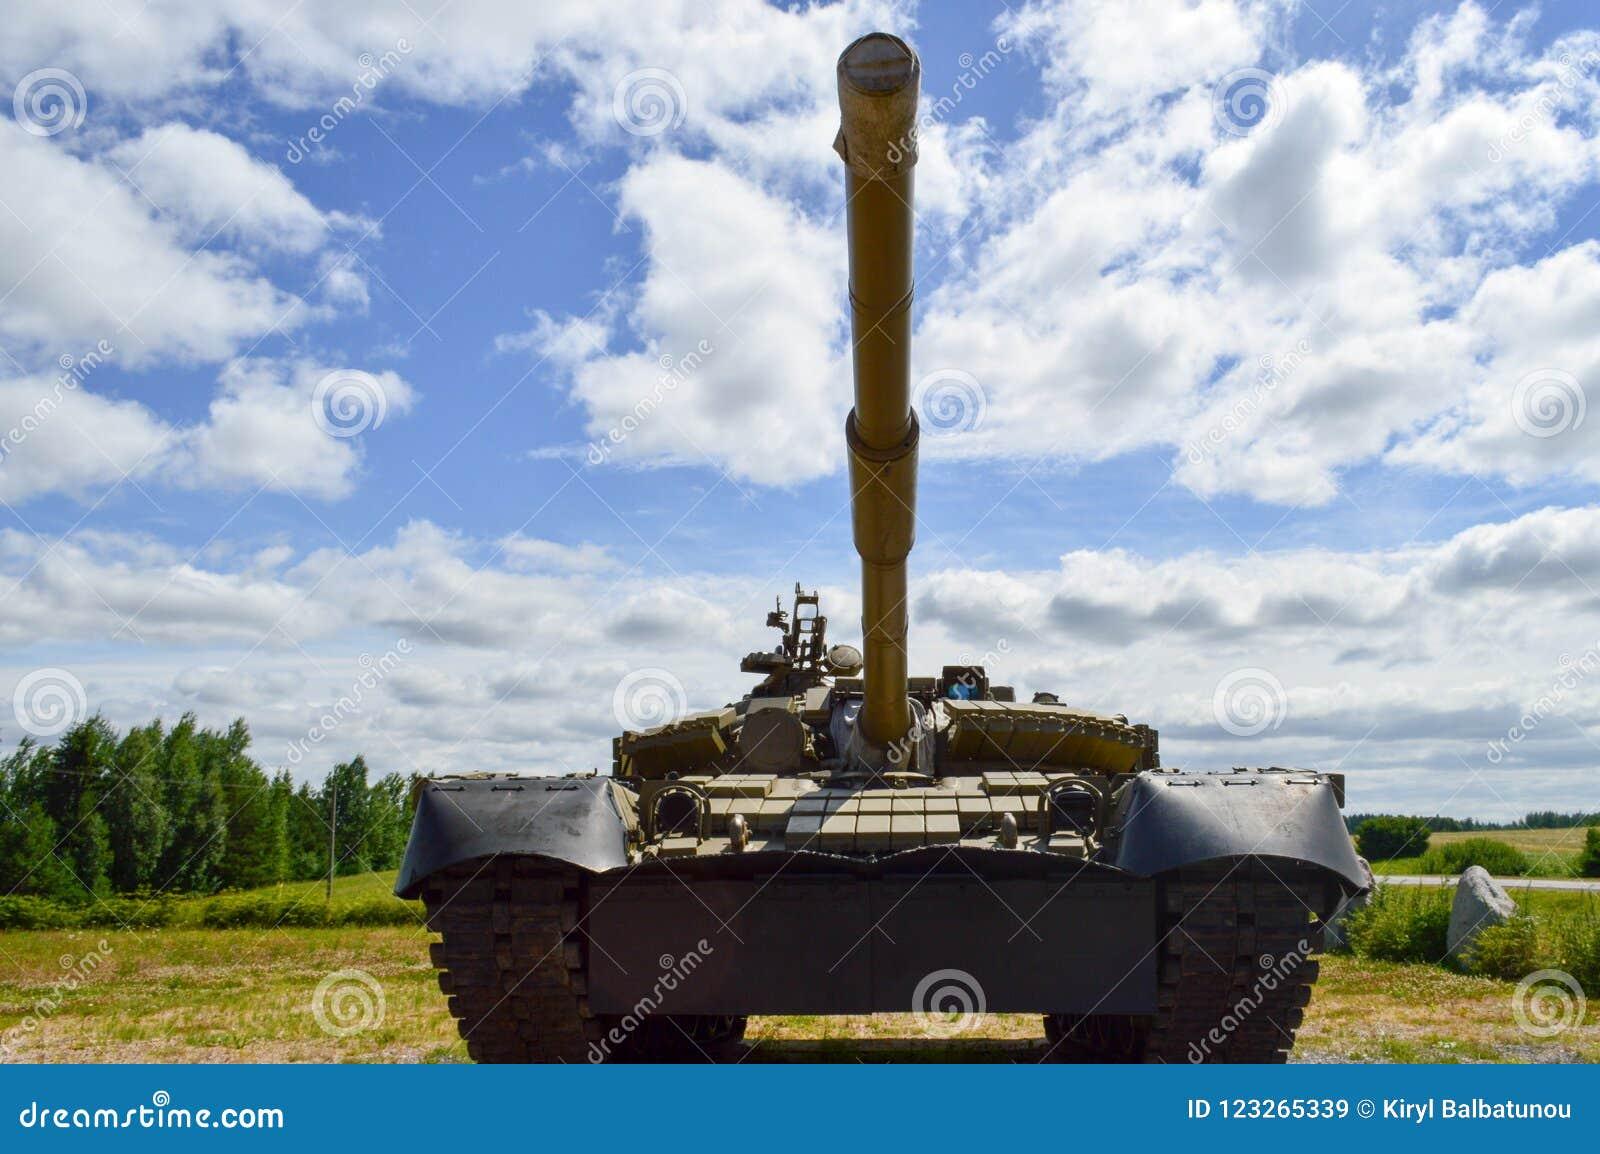 Un char de combat syrien russe de grand fer dangereux mortel blindé militaire vert en métal avec une tourelle d arme à feu et une